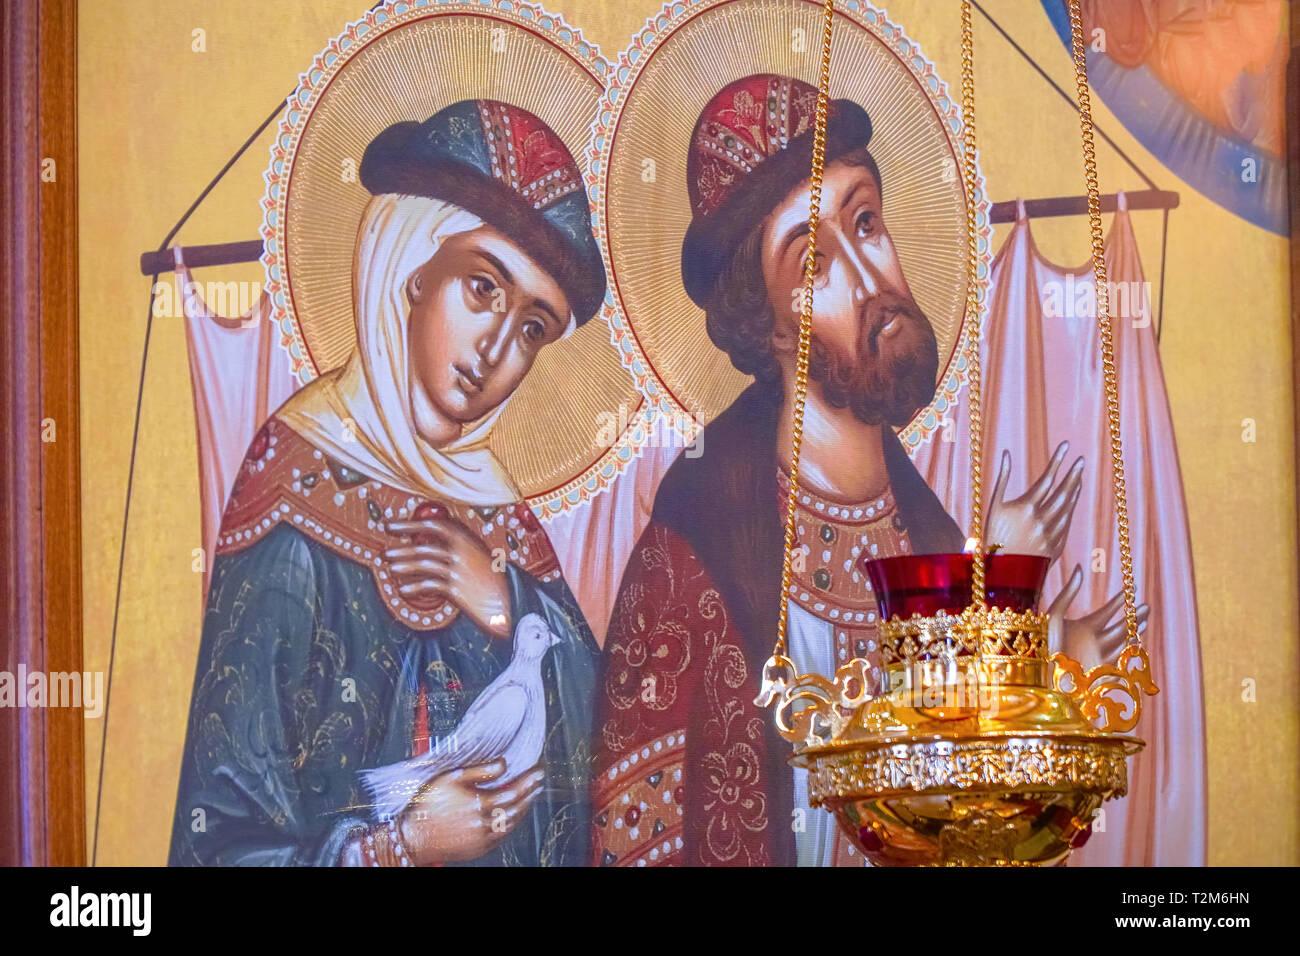 Chapaevsk, regione di Samara, Russia-February 18, 2019: chiesa dell icona della Madre di Dio di Kazan in Chapaevsk.L'icona dei santi Pietro e Fevronia. Immagini Stock